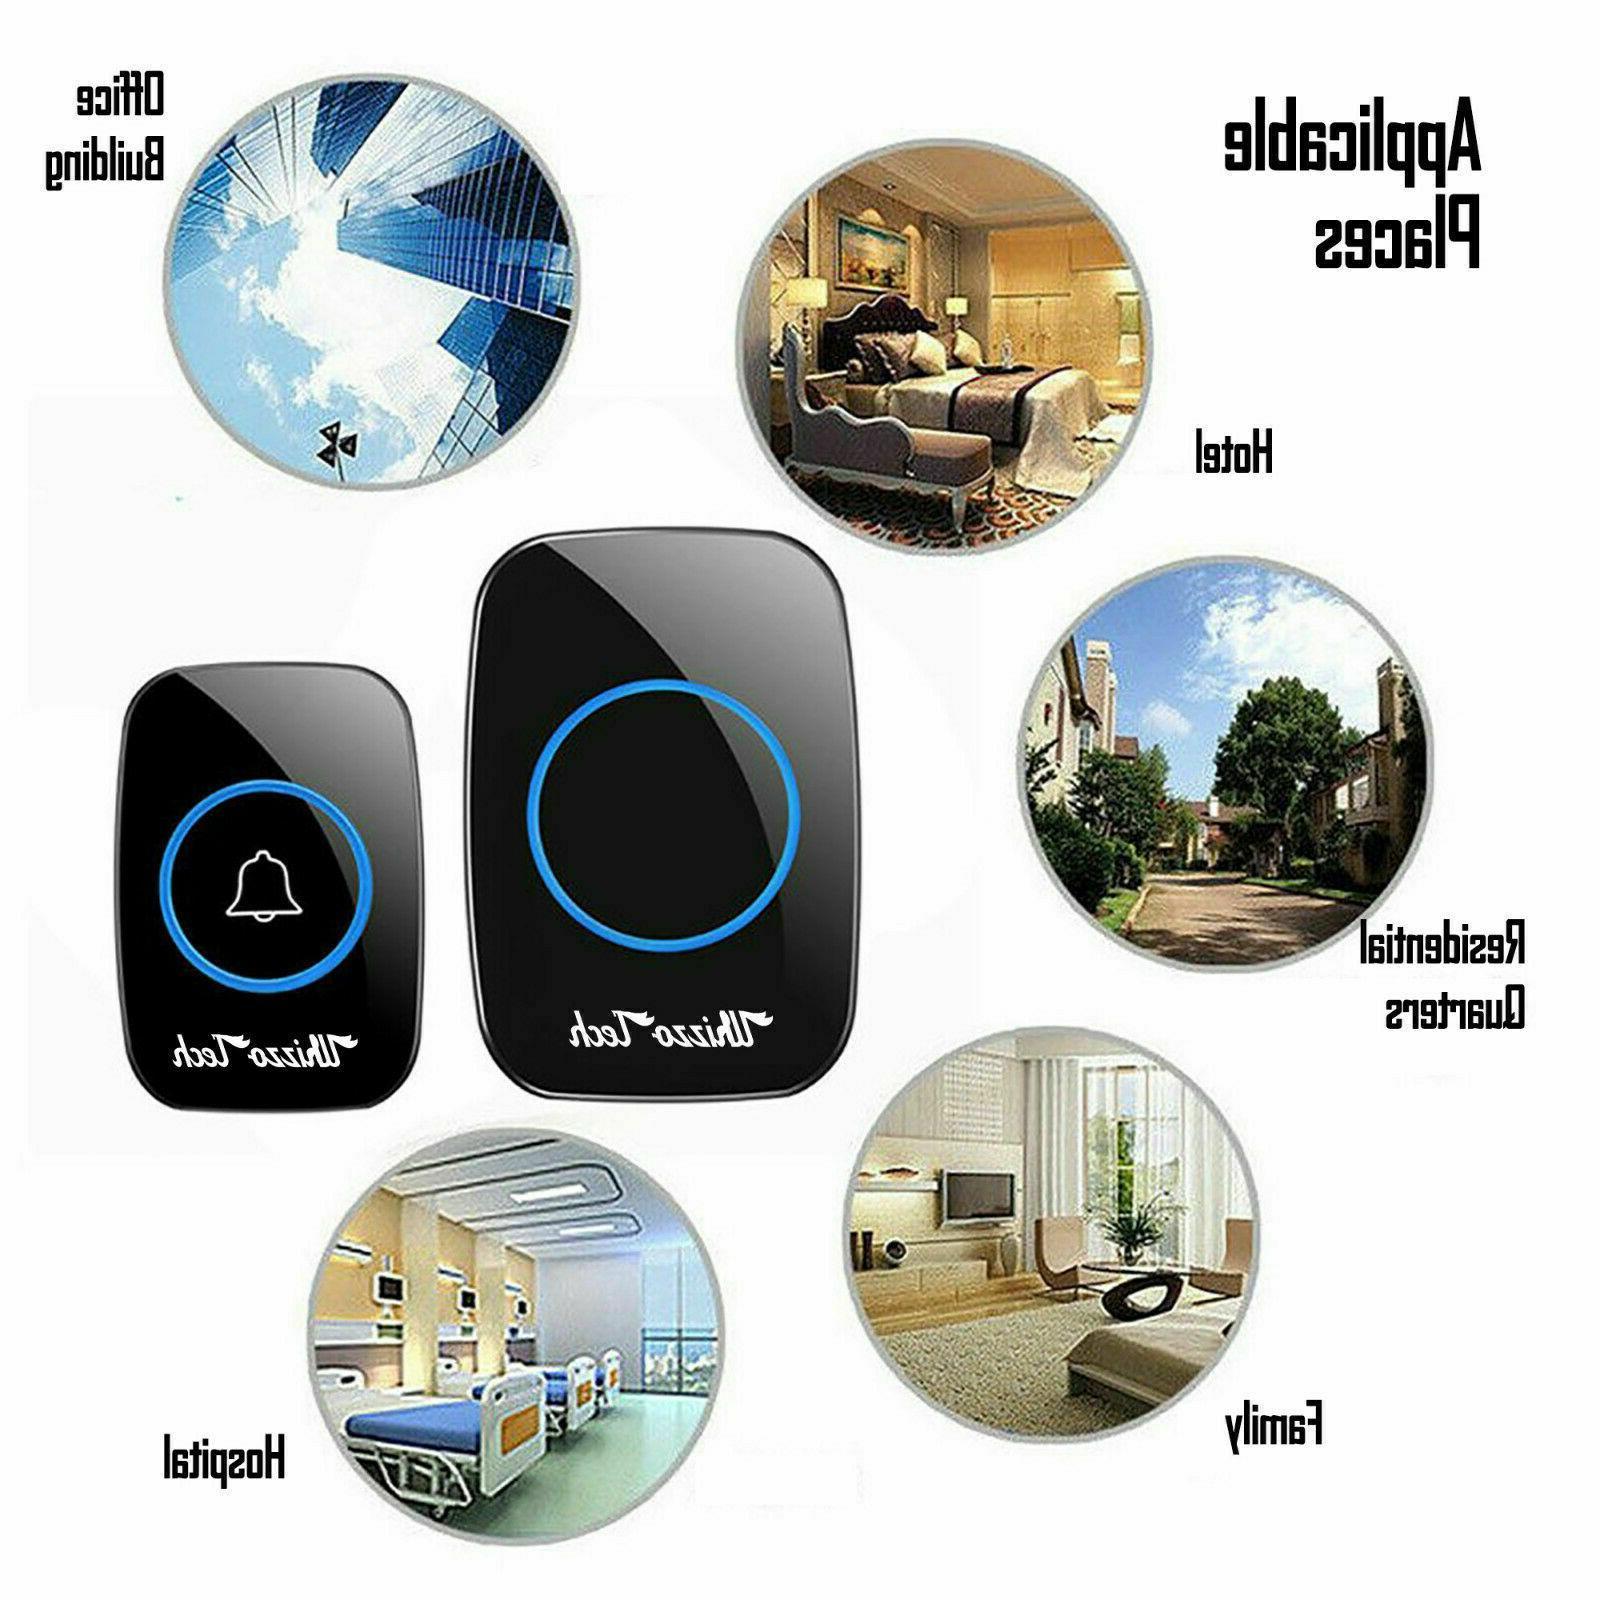 Wireless Door Bell 1Transmitter+1Plug in